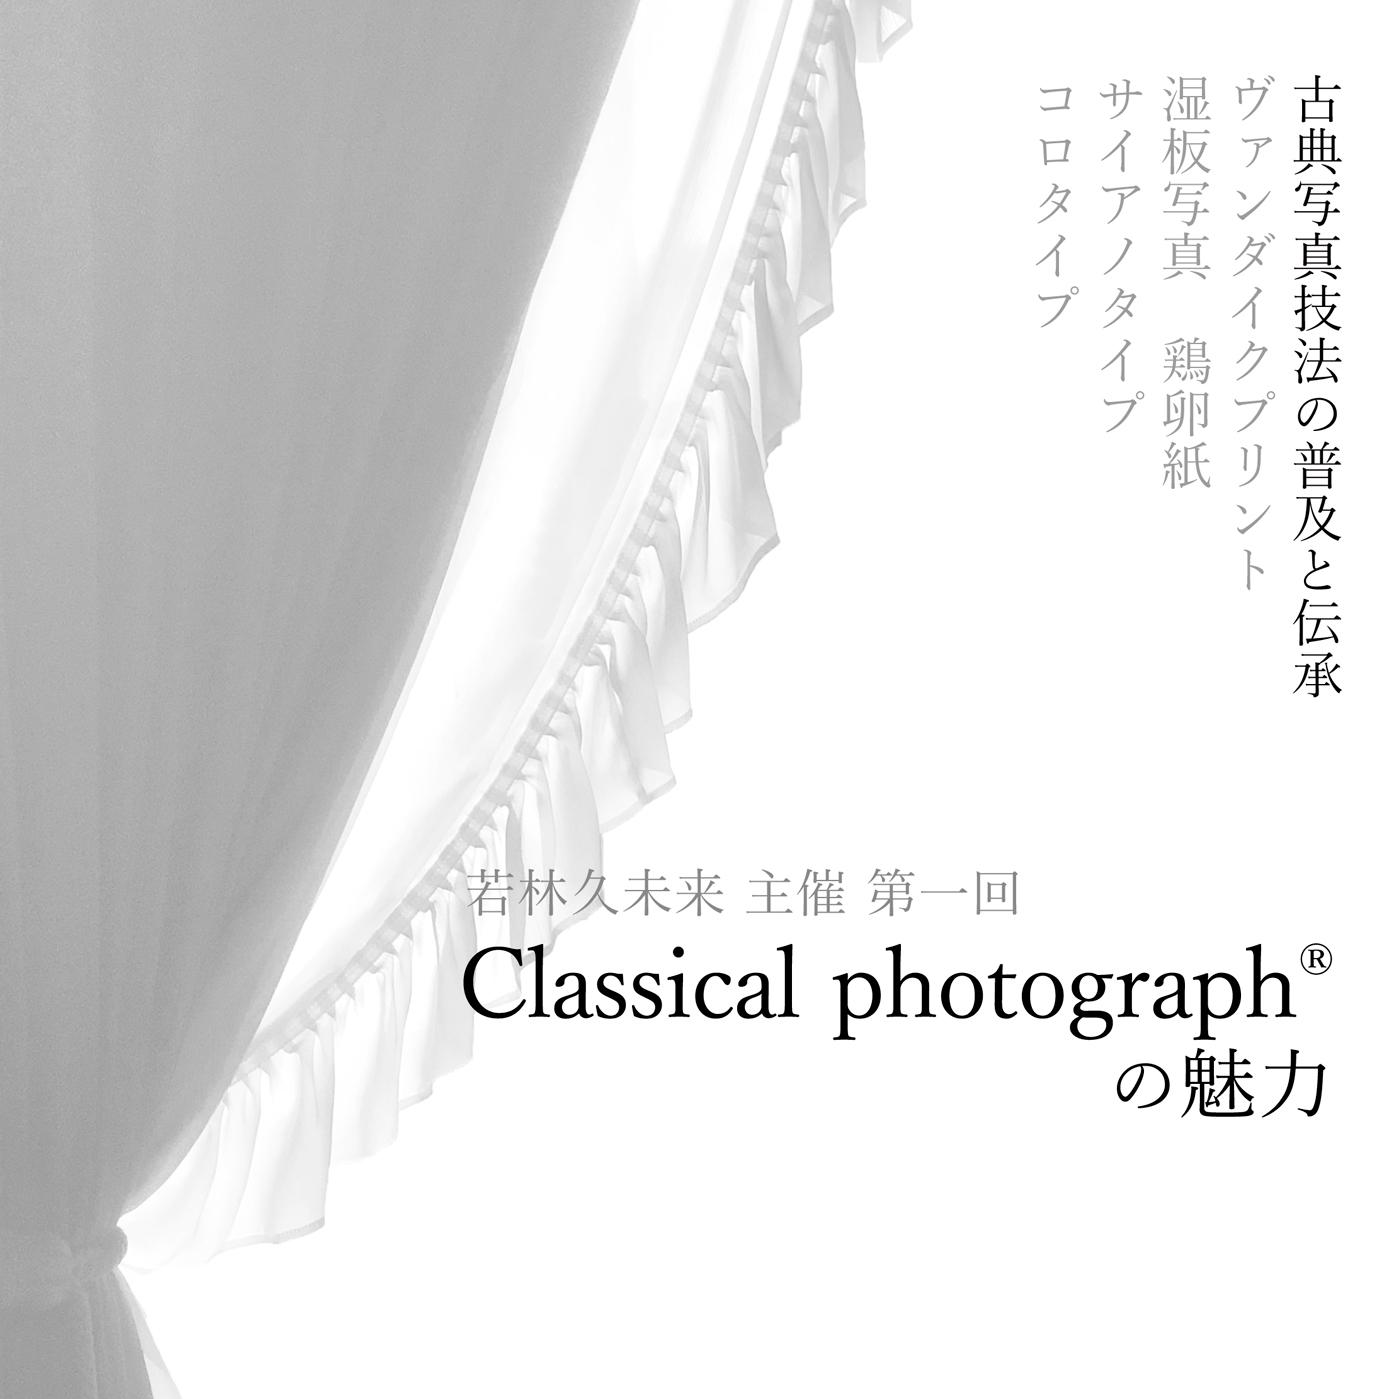 お知らせ | 展覧会 Classical photographの魅力 への出展/大阪市中央公会堂